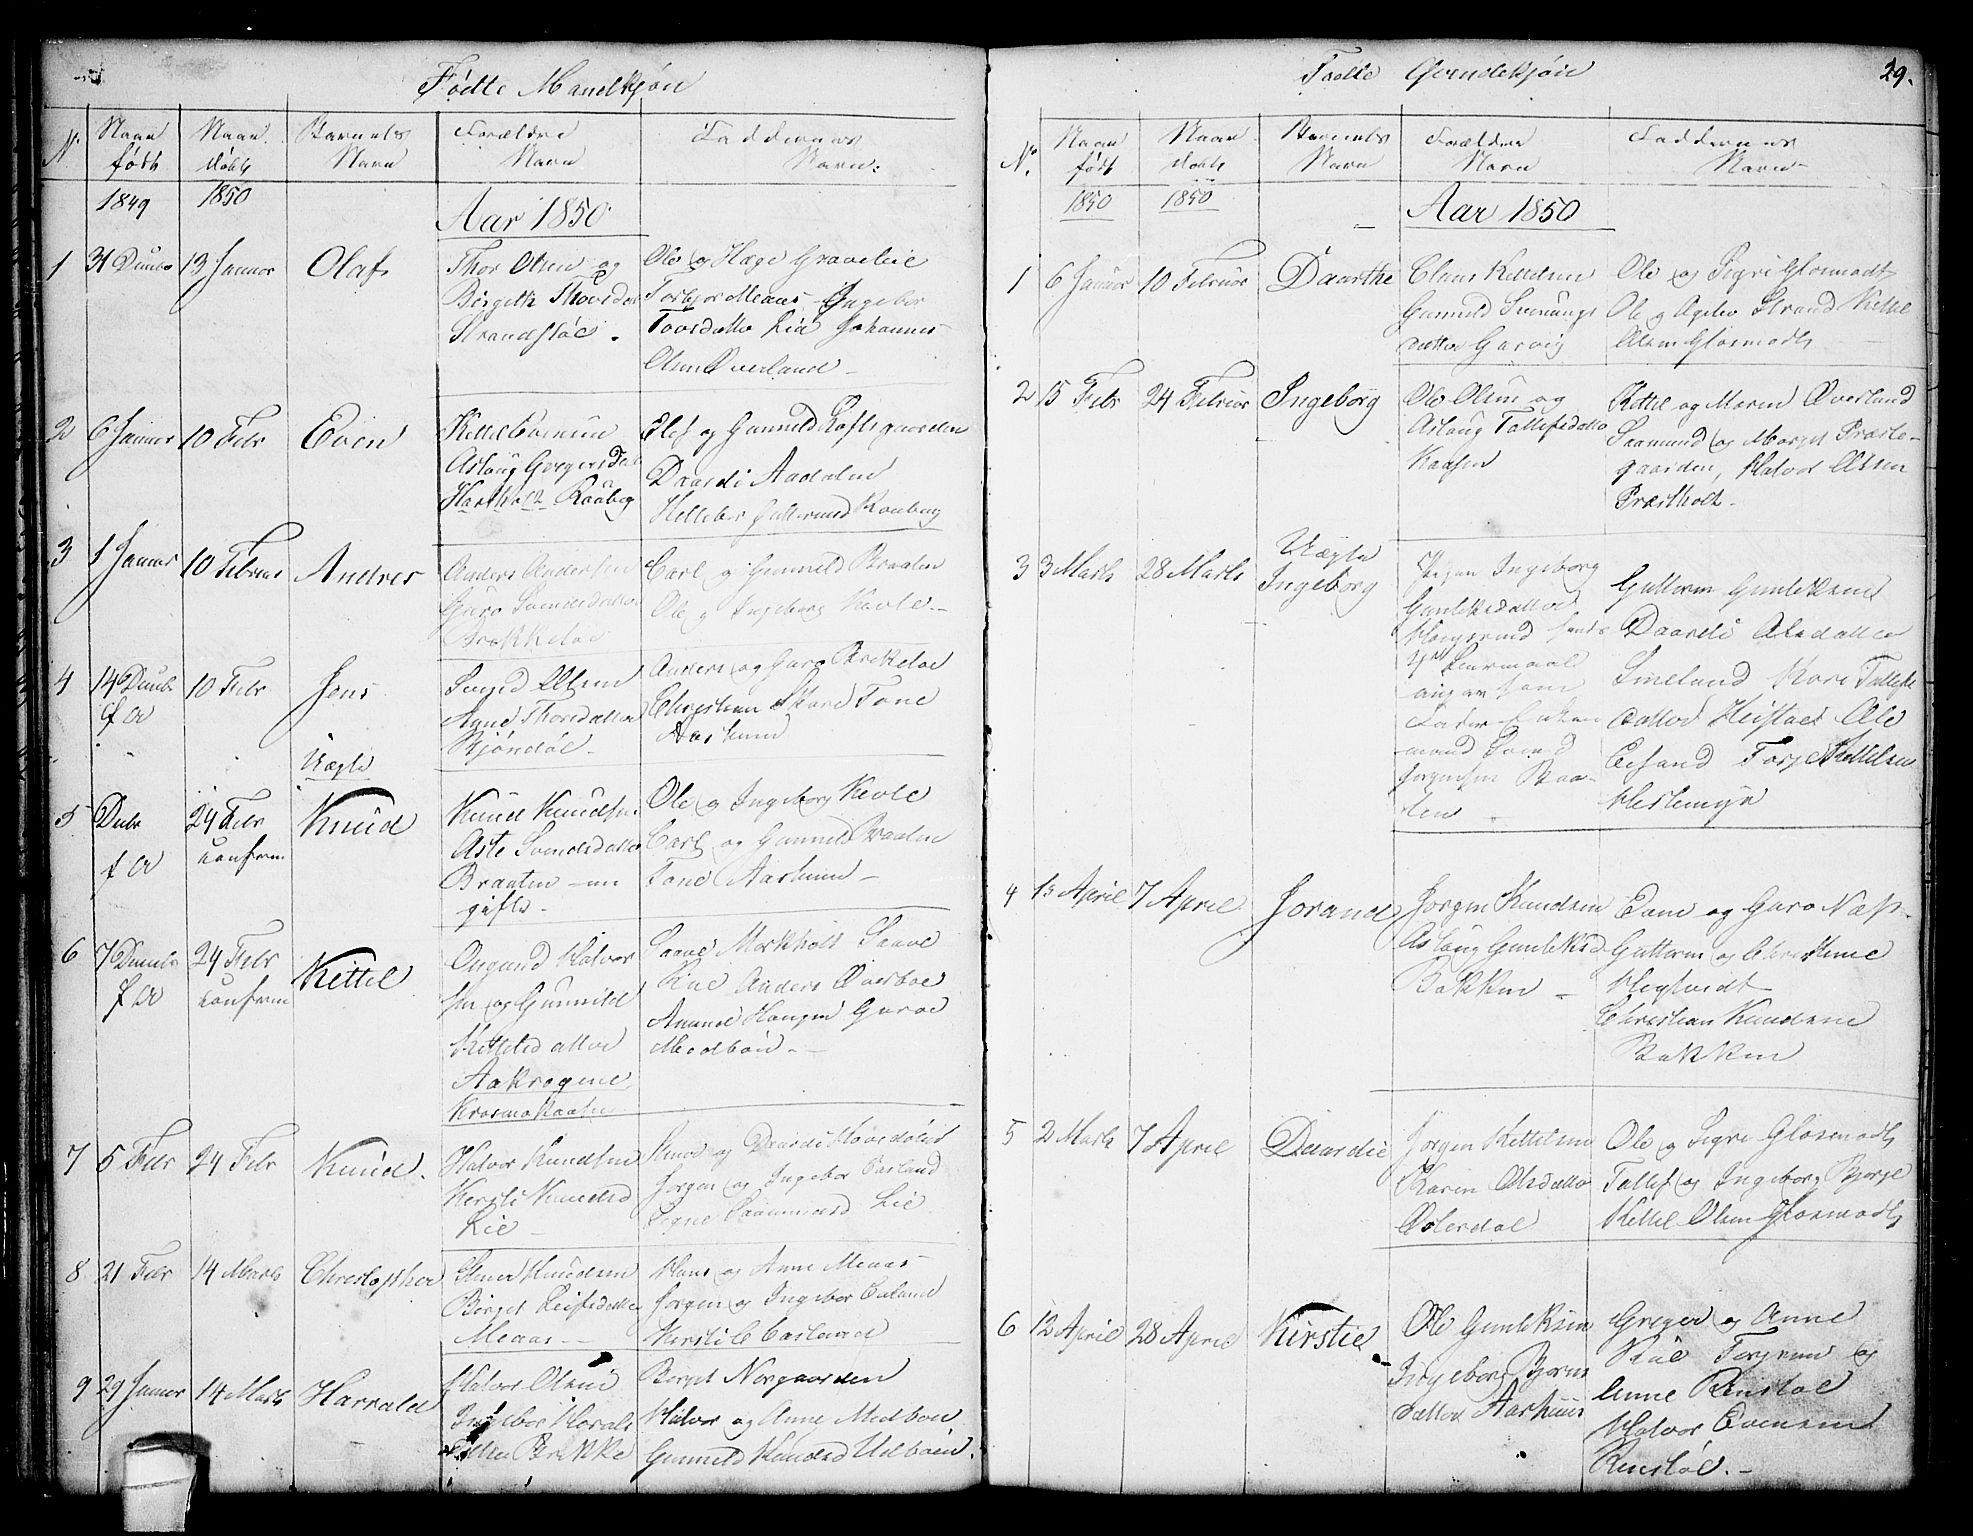 SAKO, Seljord kirkebøker, G/Ga/L0002: Klokkerbok nr. I 2, 1838-1866, s. 29